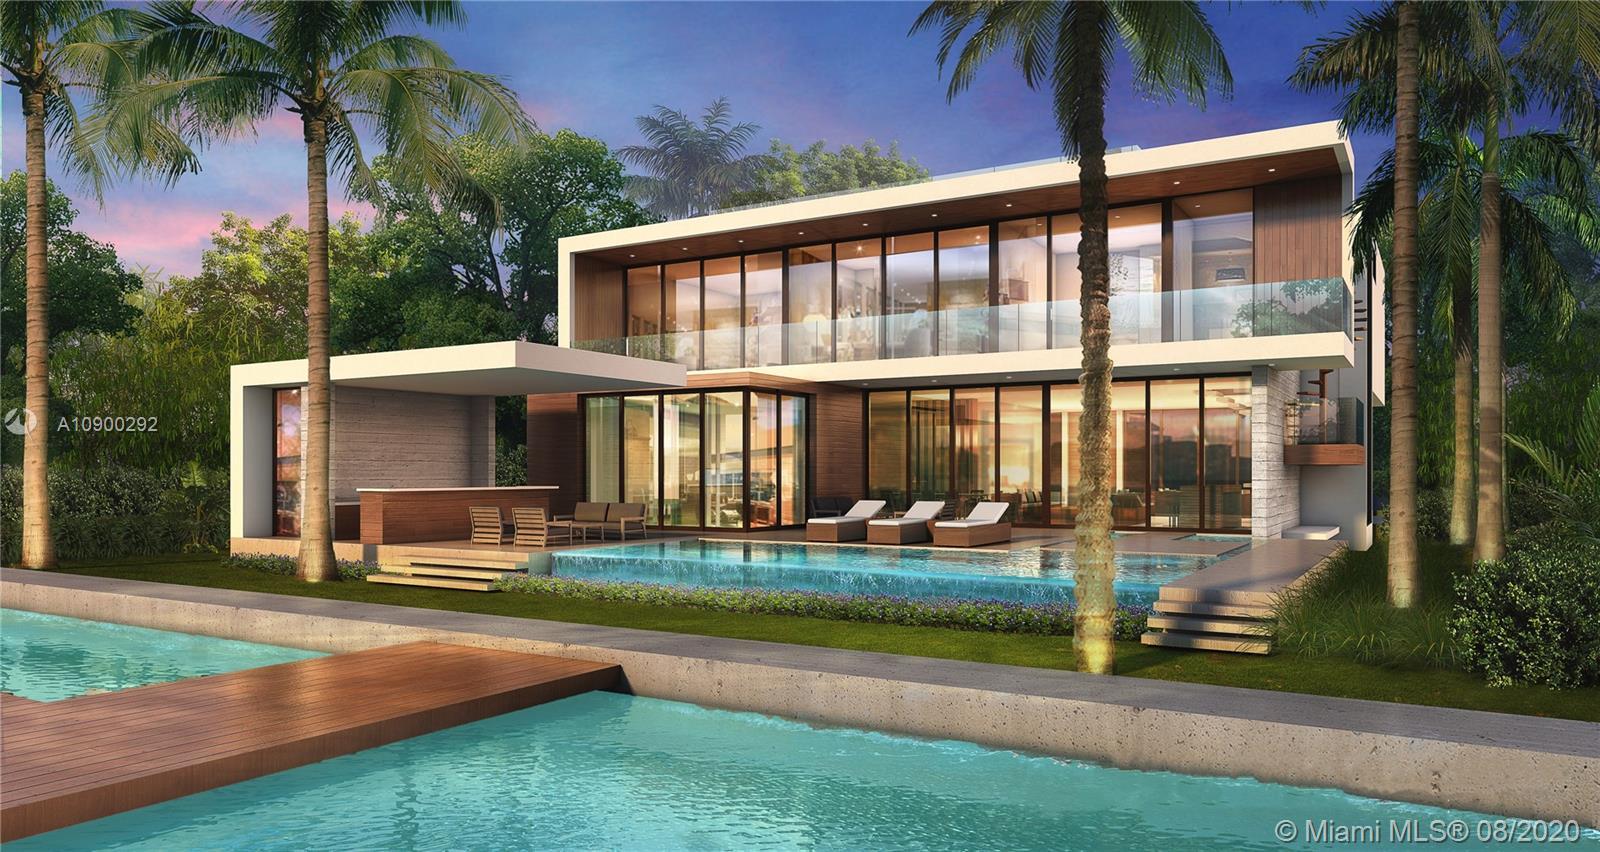 108 W Rivo Alto Dr Luxury Real Estate